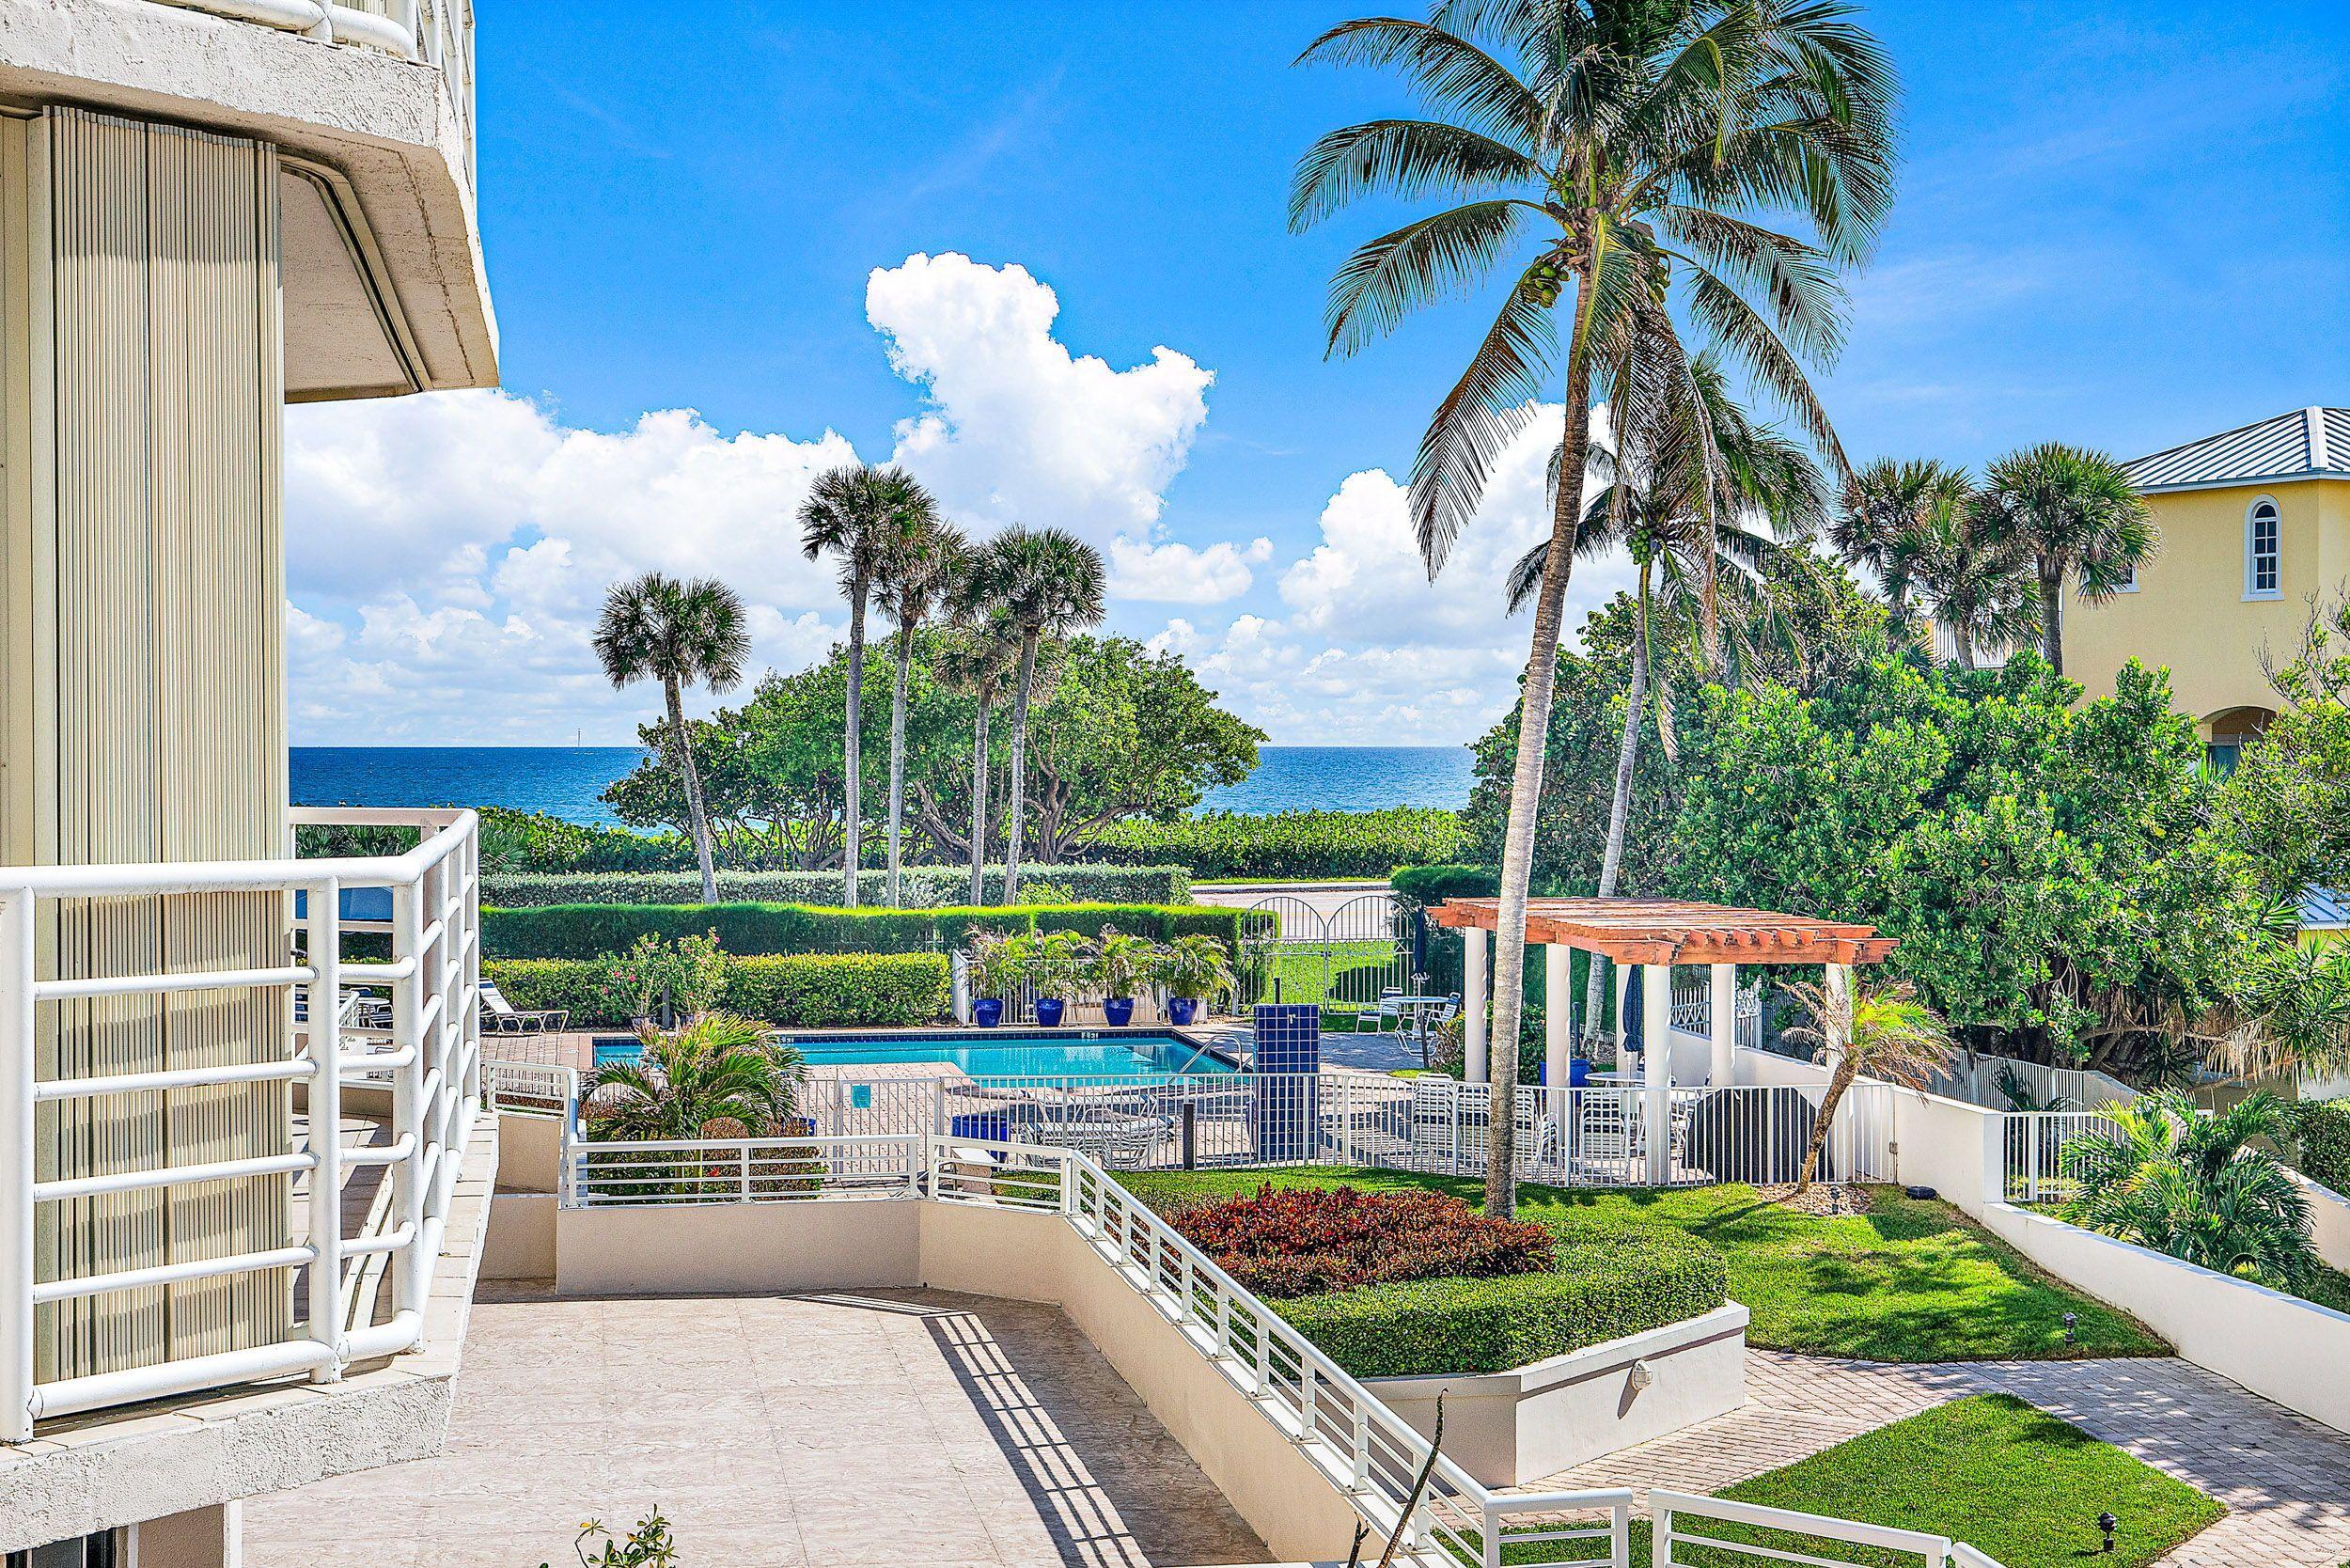 42ed108332bc78d1585158cf1240ec05 - Auto Detailing Palm Beach Gardens Fl